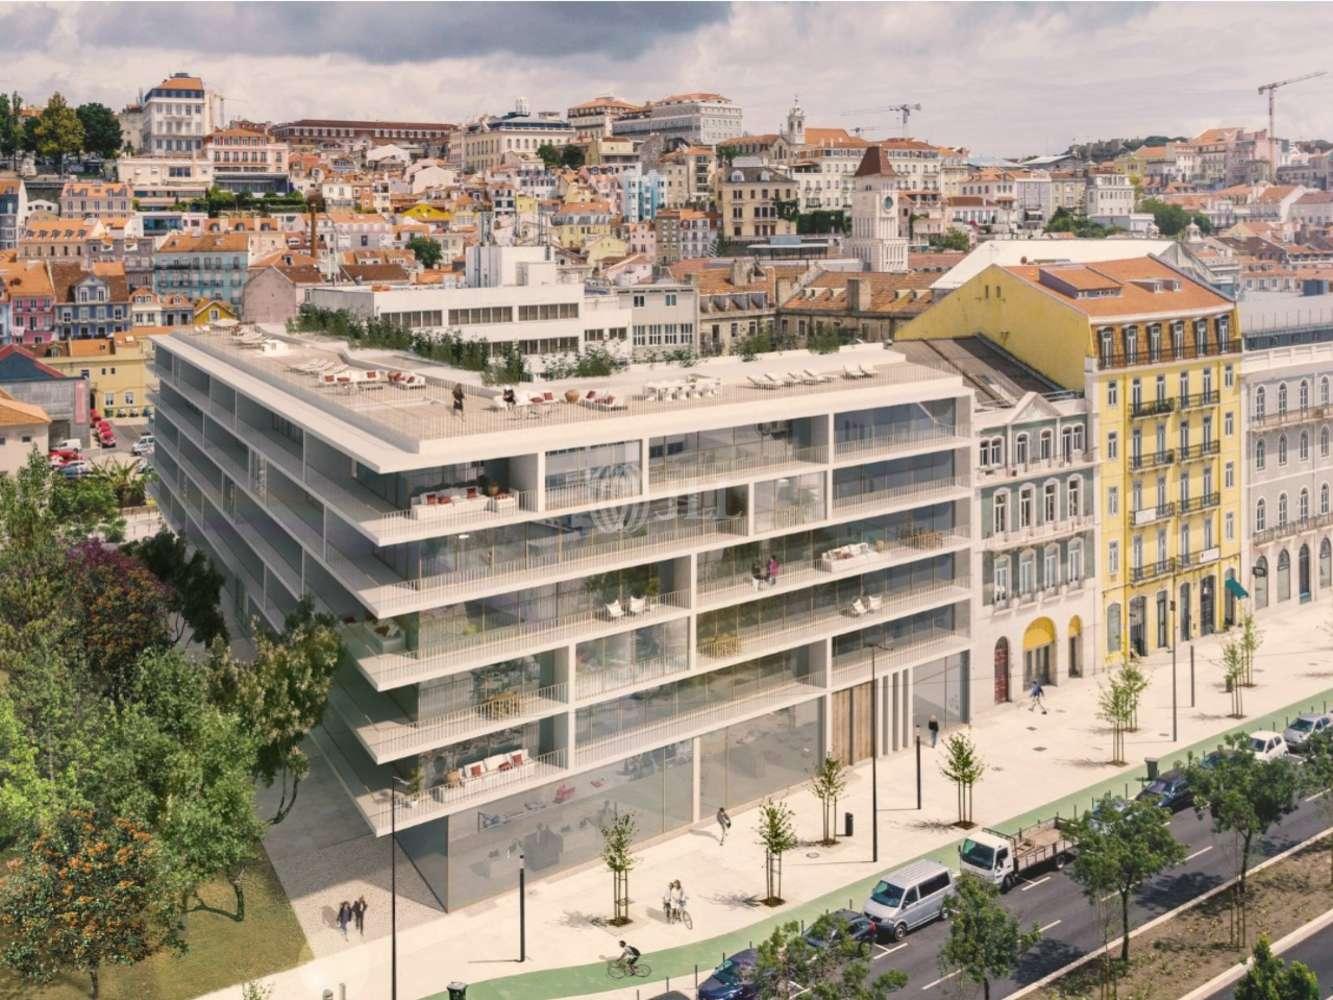 Loja Lisboa,  - Loja localizada no empreedimento Promenade, no Cais do Sodré